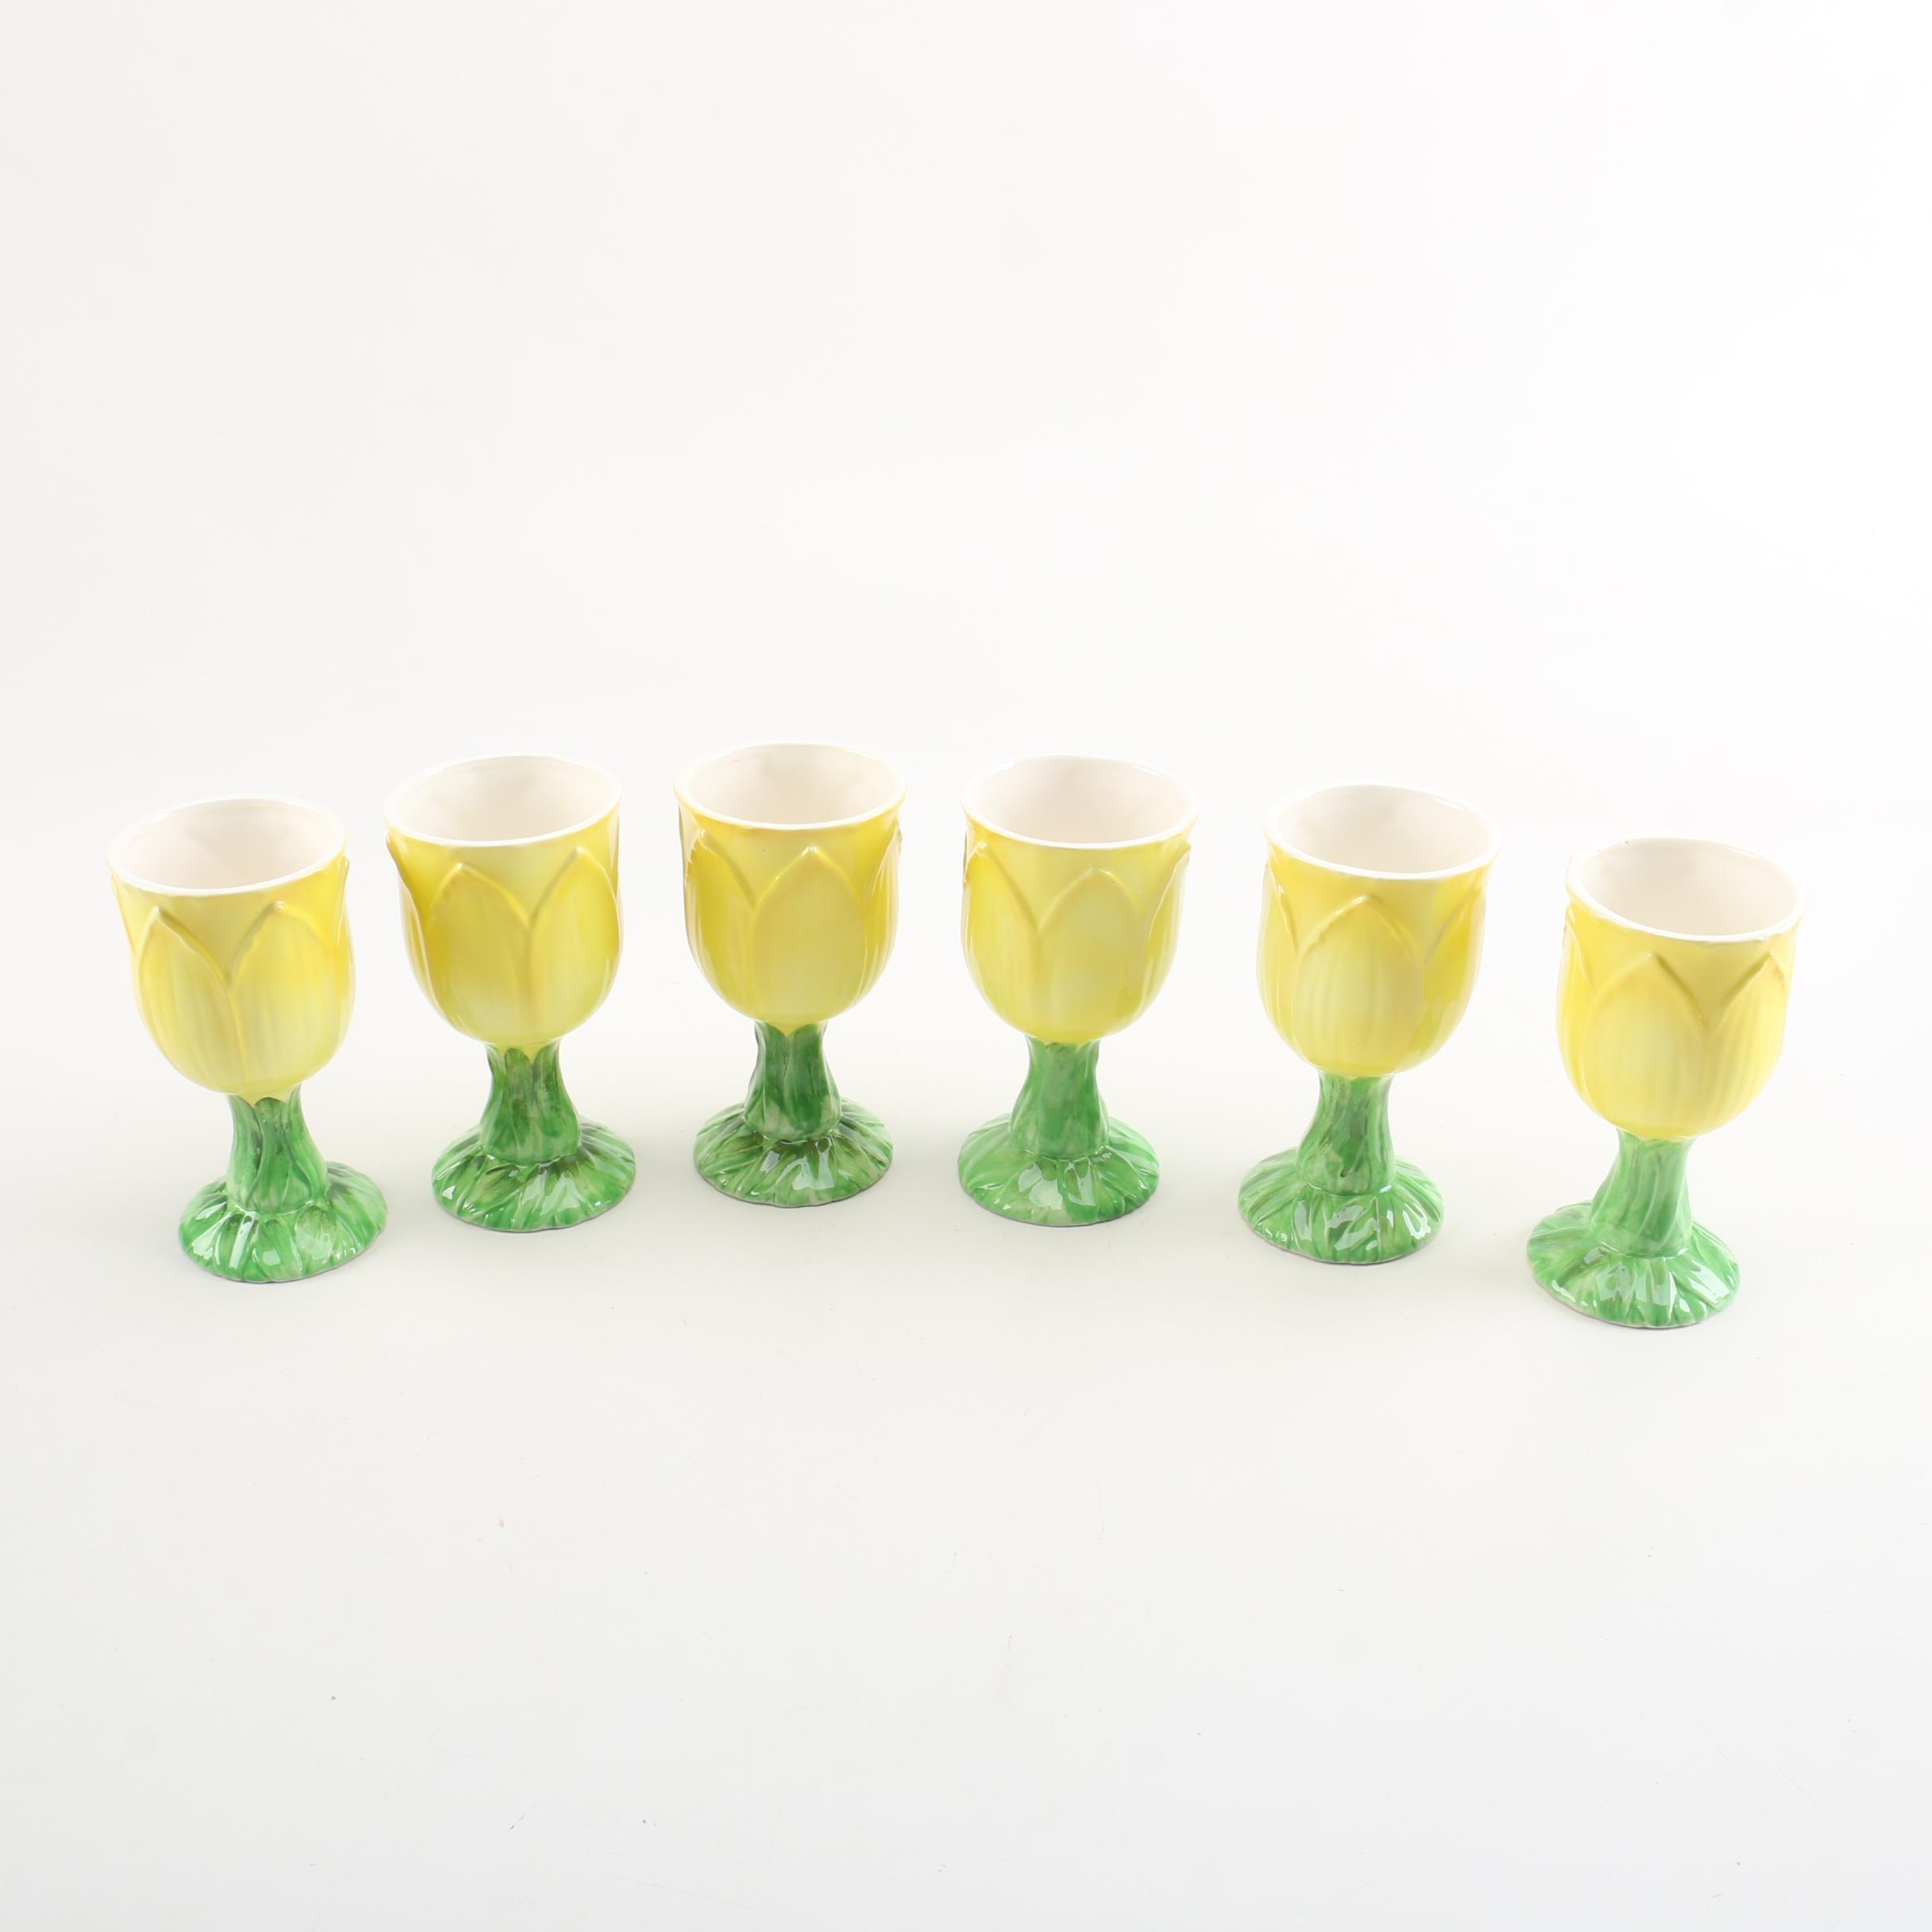 Collection of Vintage Ceramic Goblets